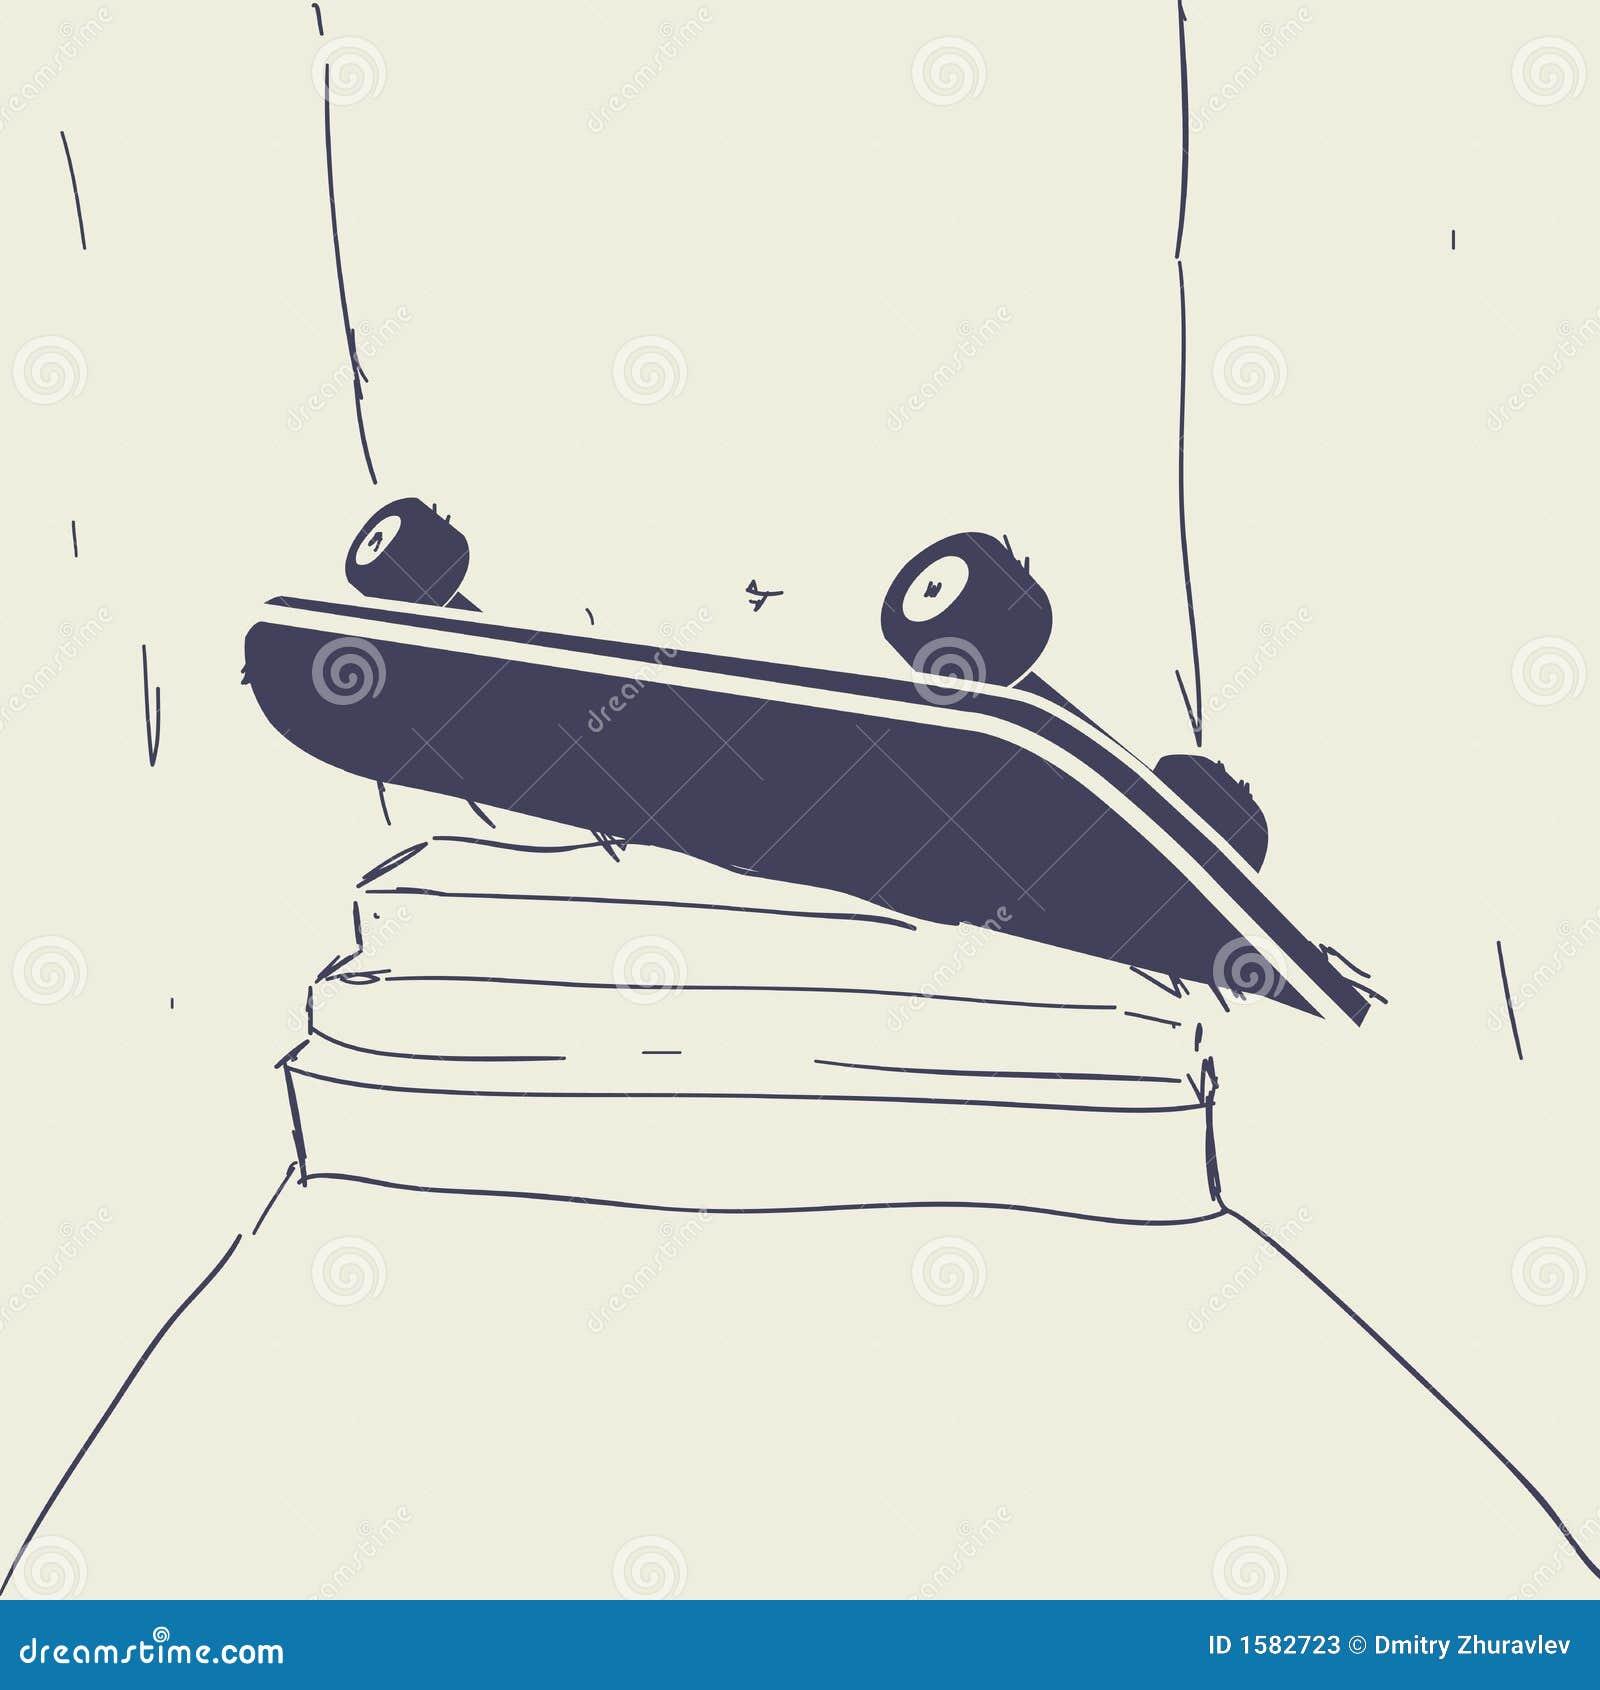 Skateboard Sketch Stock Photos - Image: 1582723